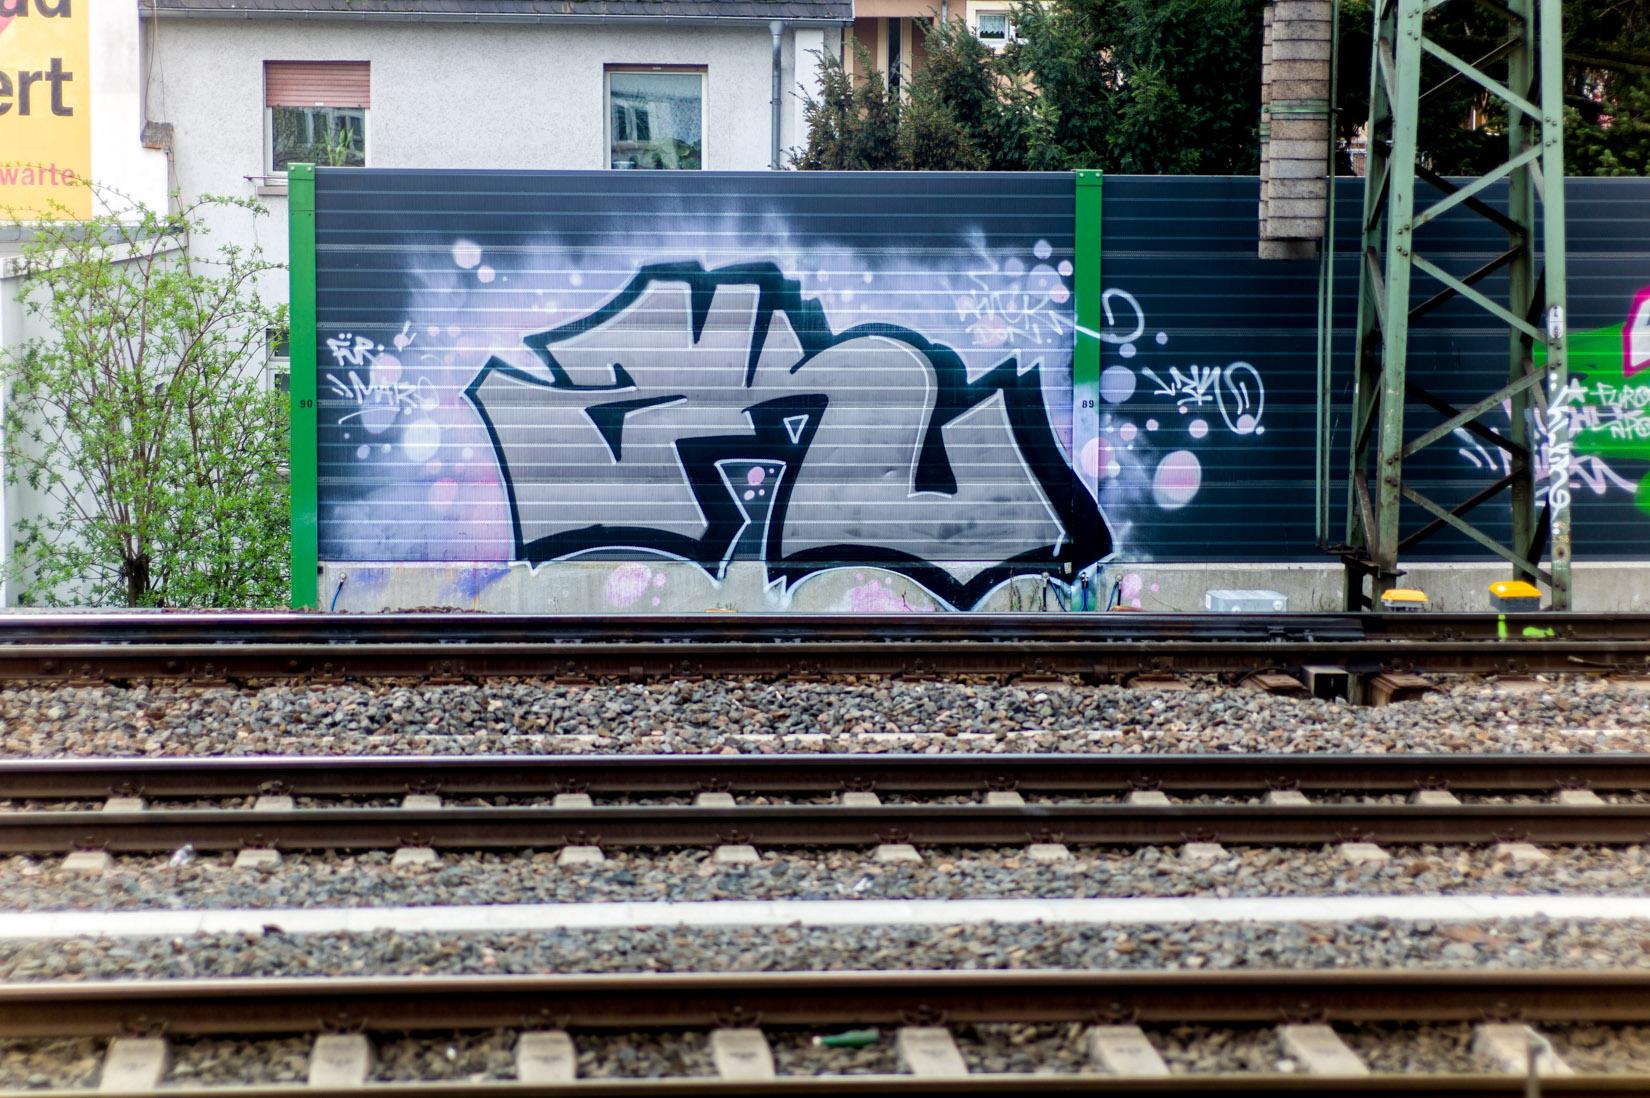 Frankfurt_Graffiti_Gallus Warte_2014-03 (20 von 45)